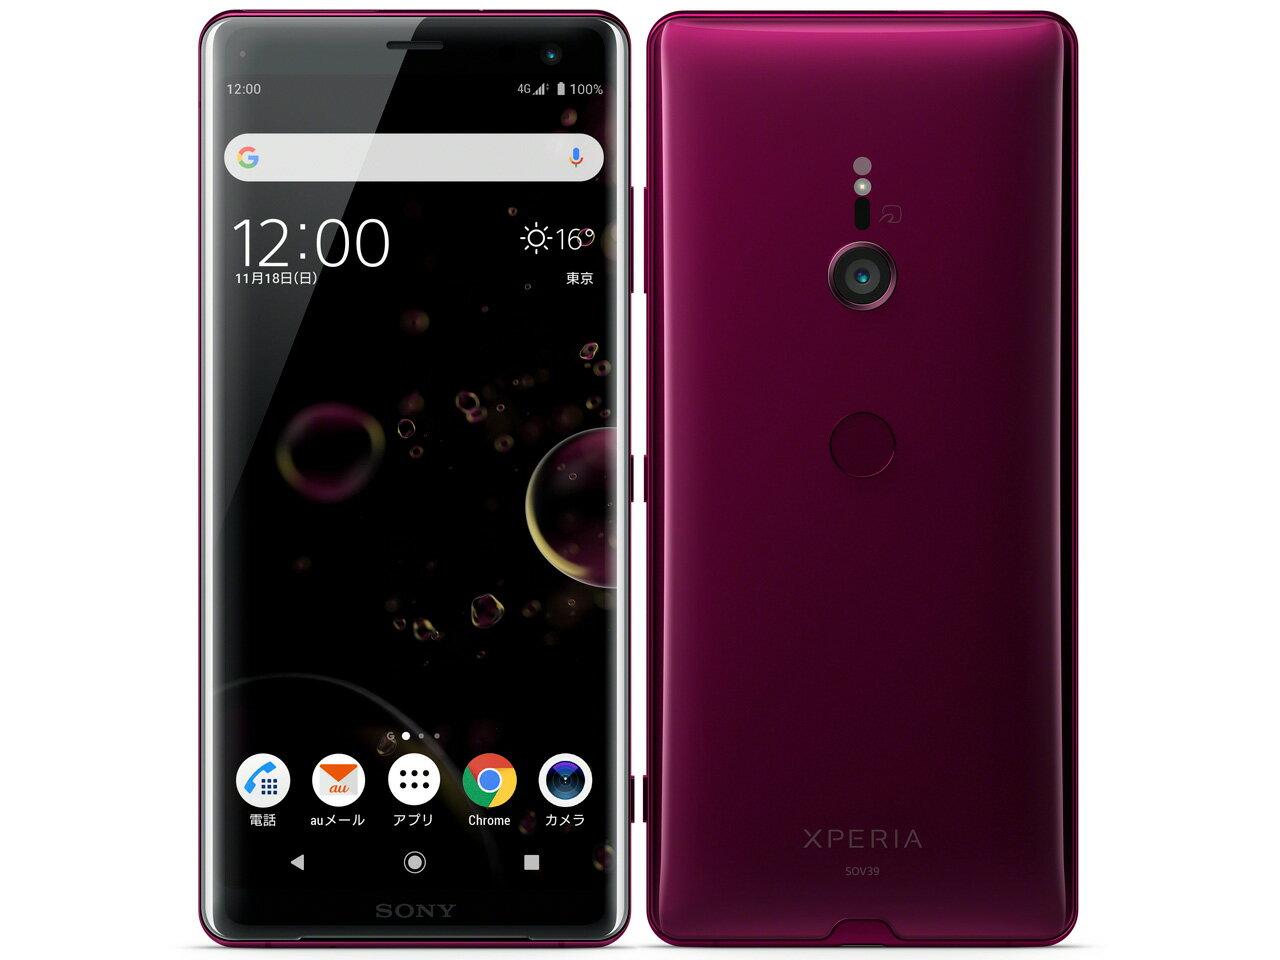 【新品・白ロム・本体】simロック解除済み au Xperia XZ3 SOV39 スマートフォン  Bordeaux Red 携帯電話 sov39 SOV39 ボルドーレッド